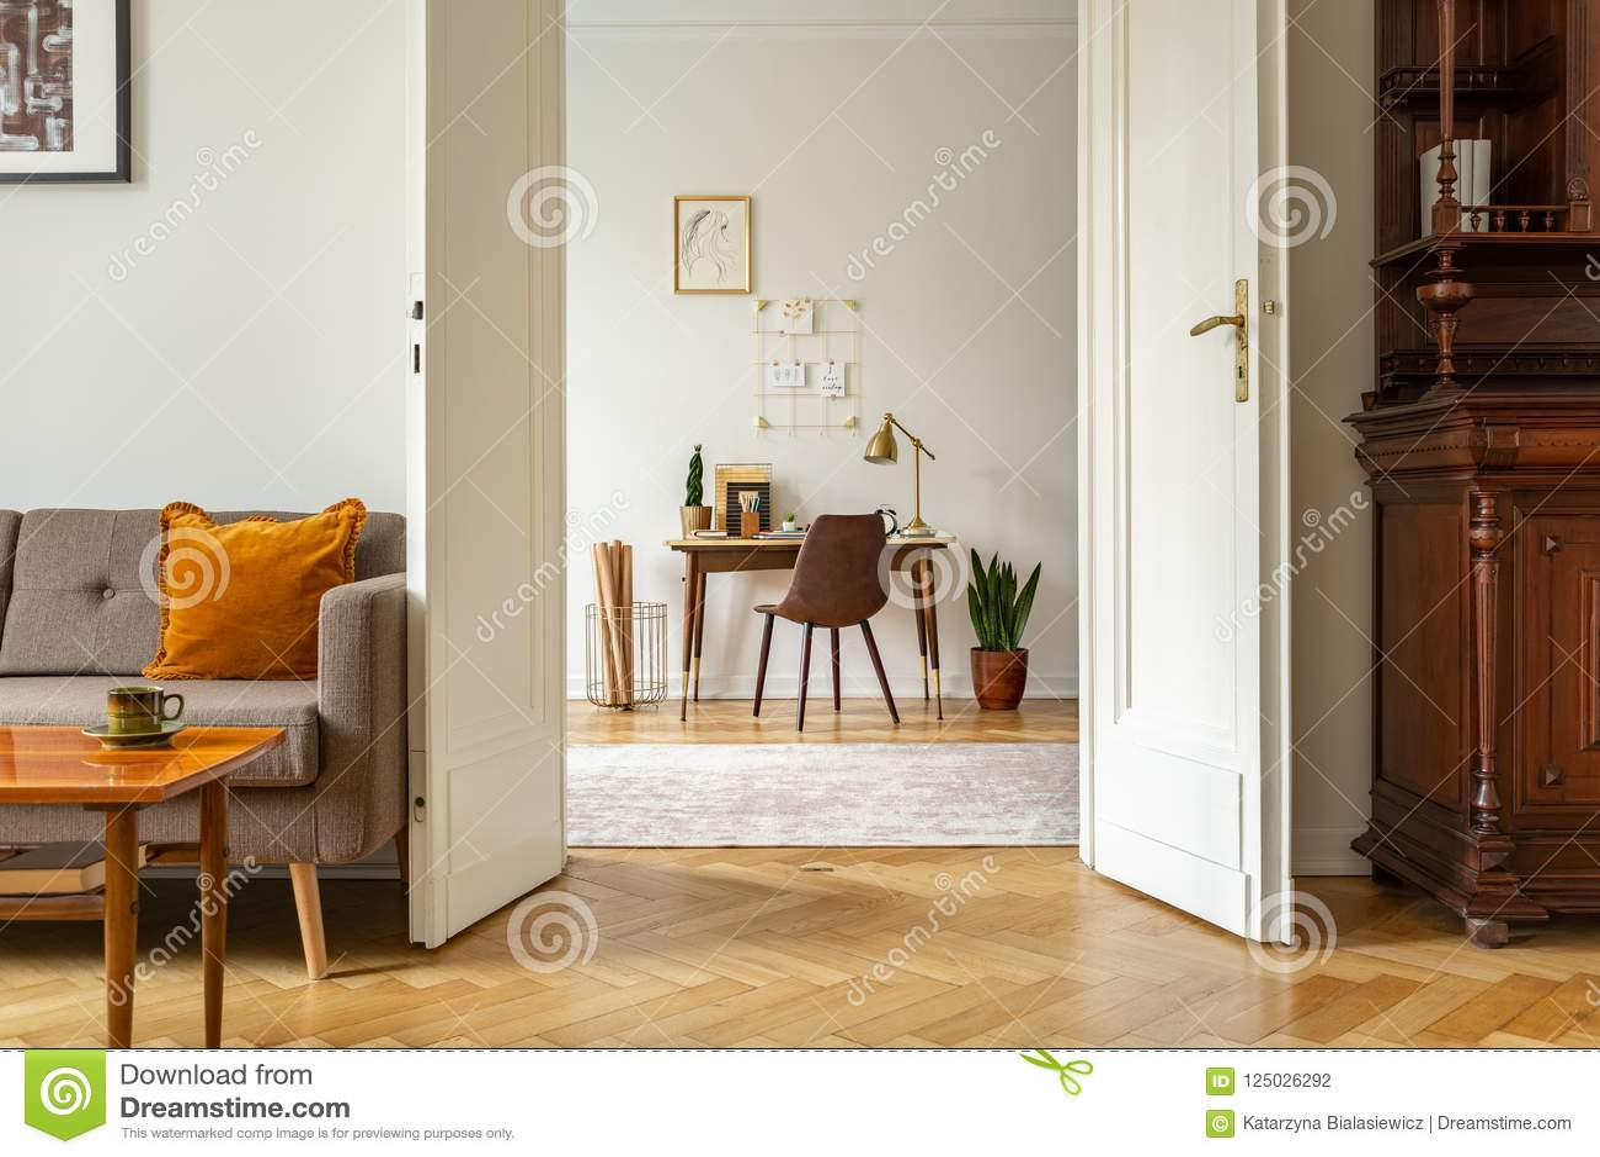 Стол и стул в интерьере домашнего офиса Взгляд через дверь винтажной живущей комнаты Реальное фото